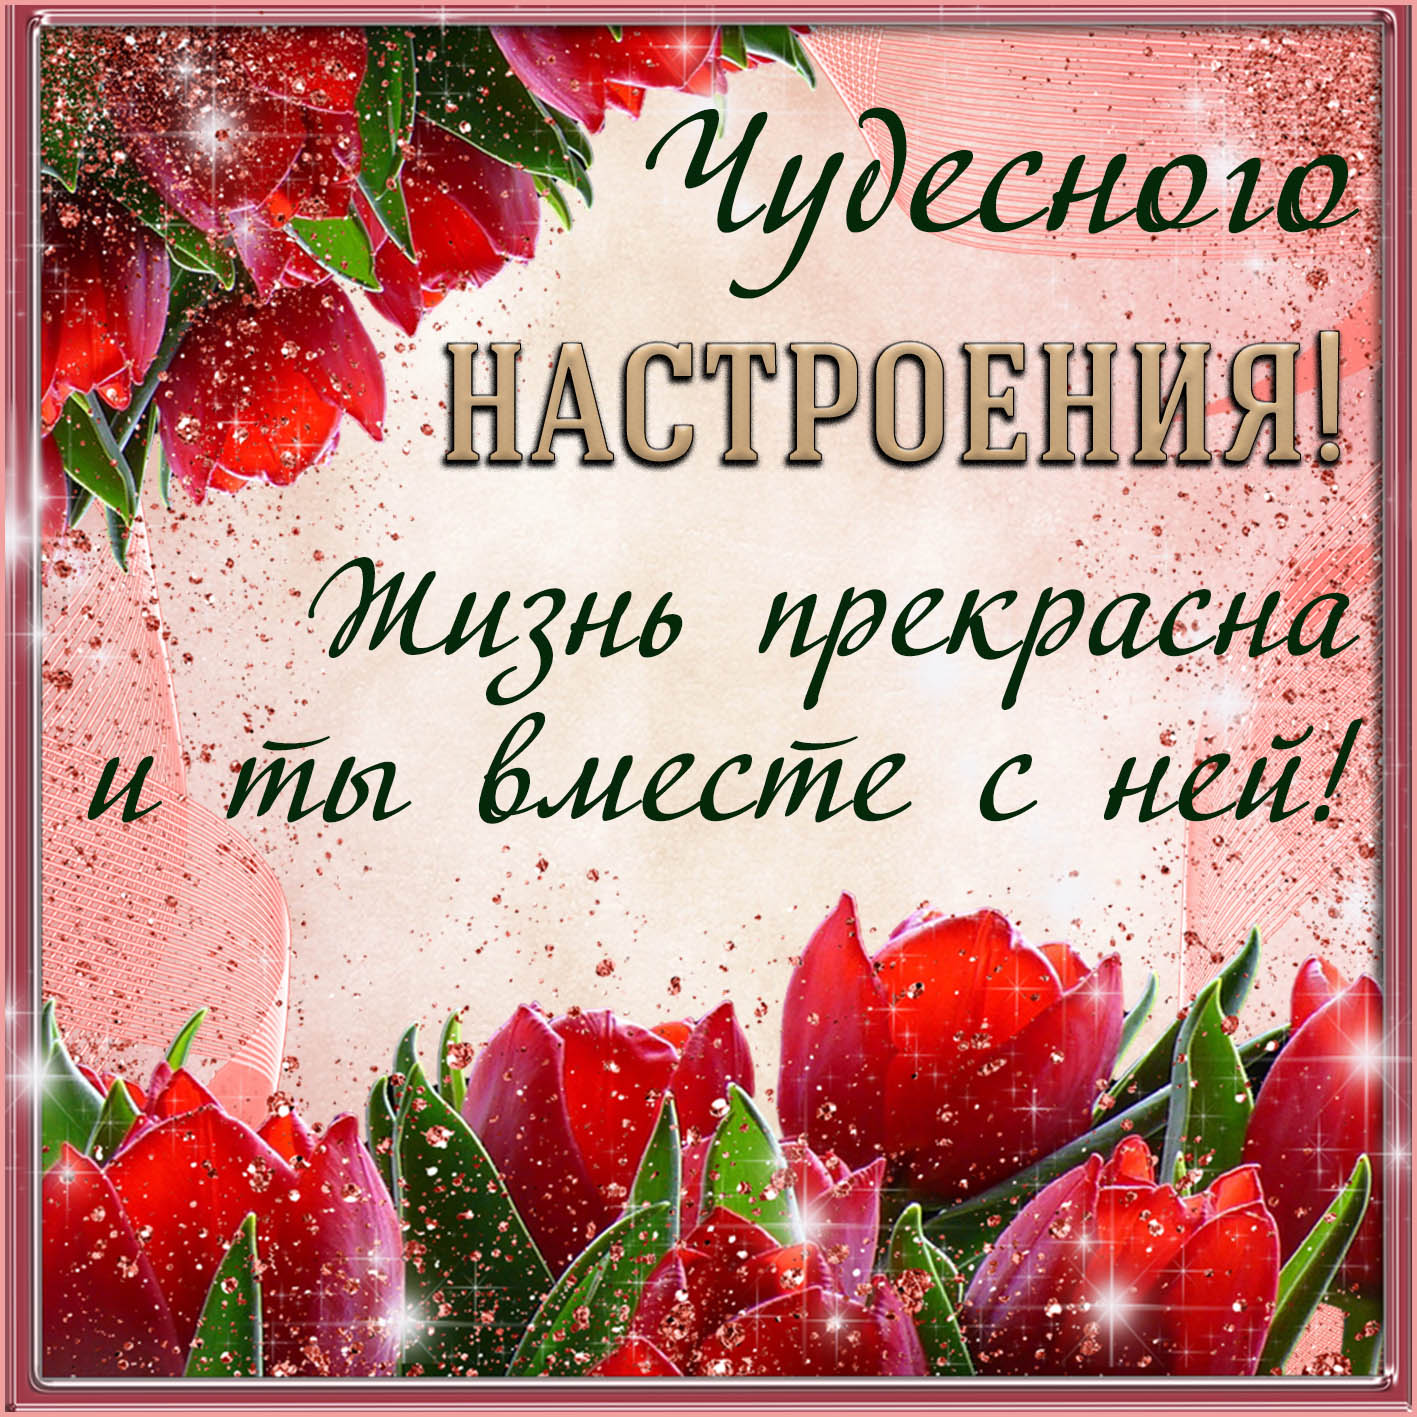 Открытка - пожелание чудесного настроения на фоне тюльпанов